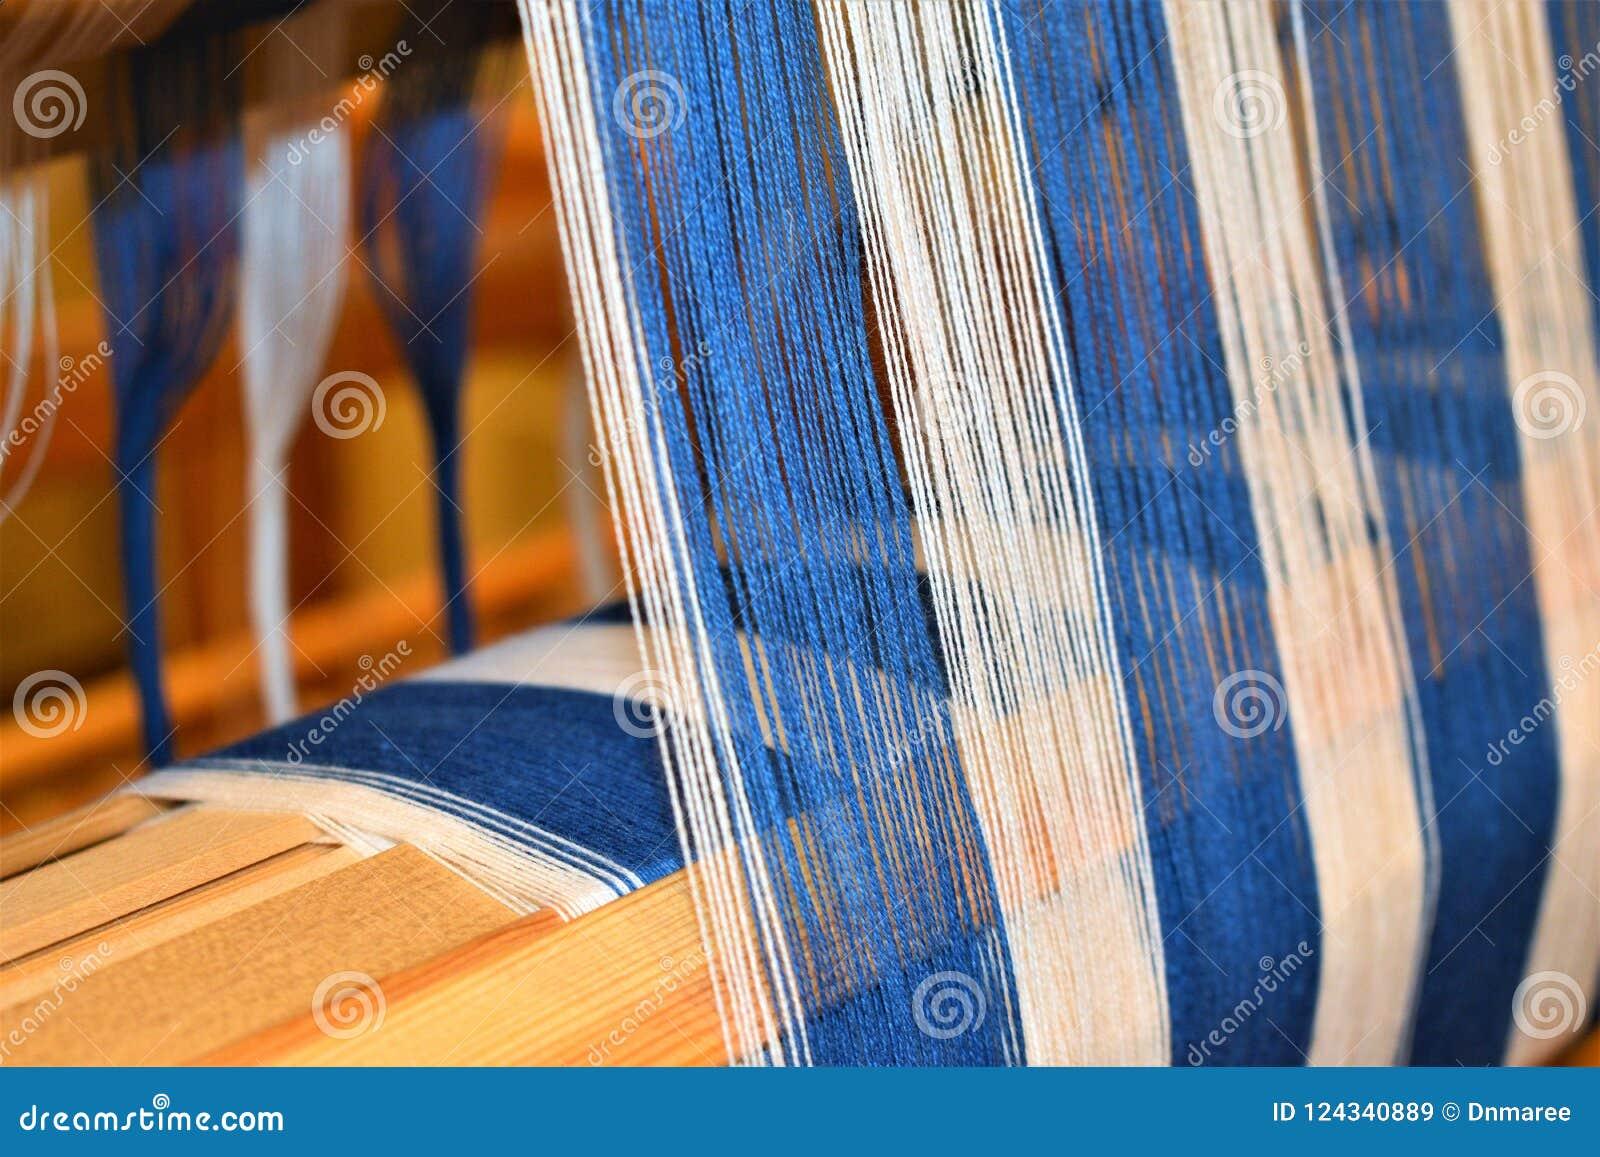 Plan rapproché de chaîne rayée bleue et blanche tissage Handweaving textiles fibre